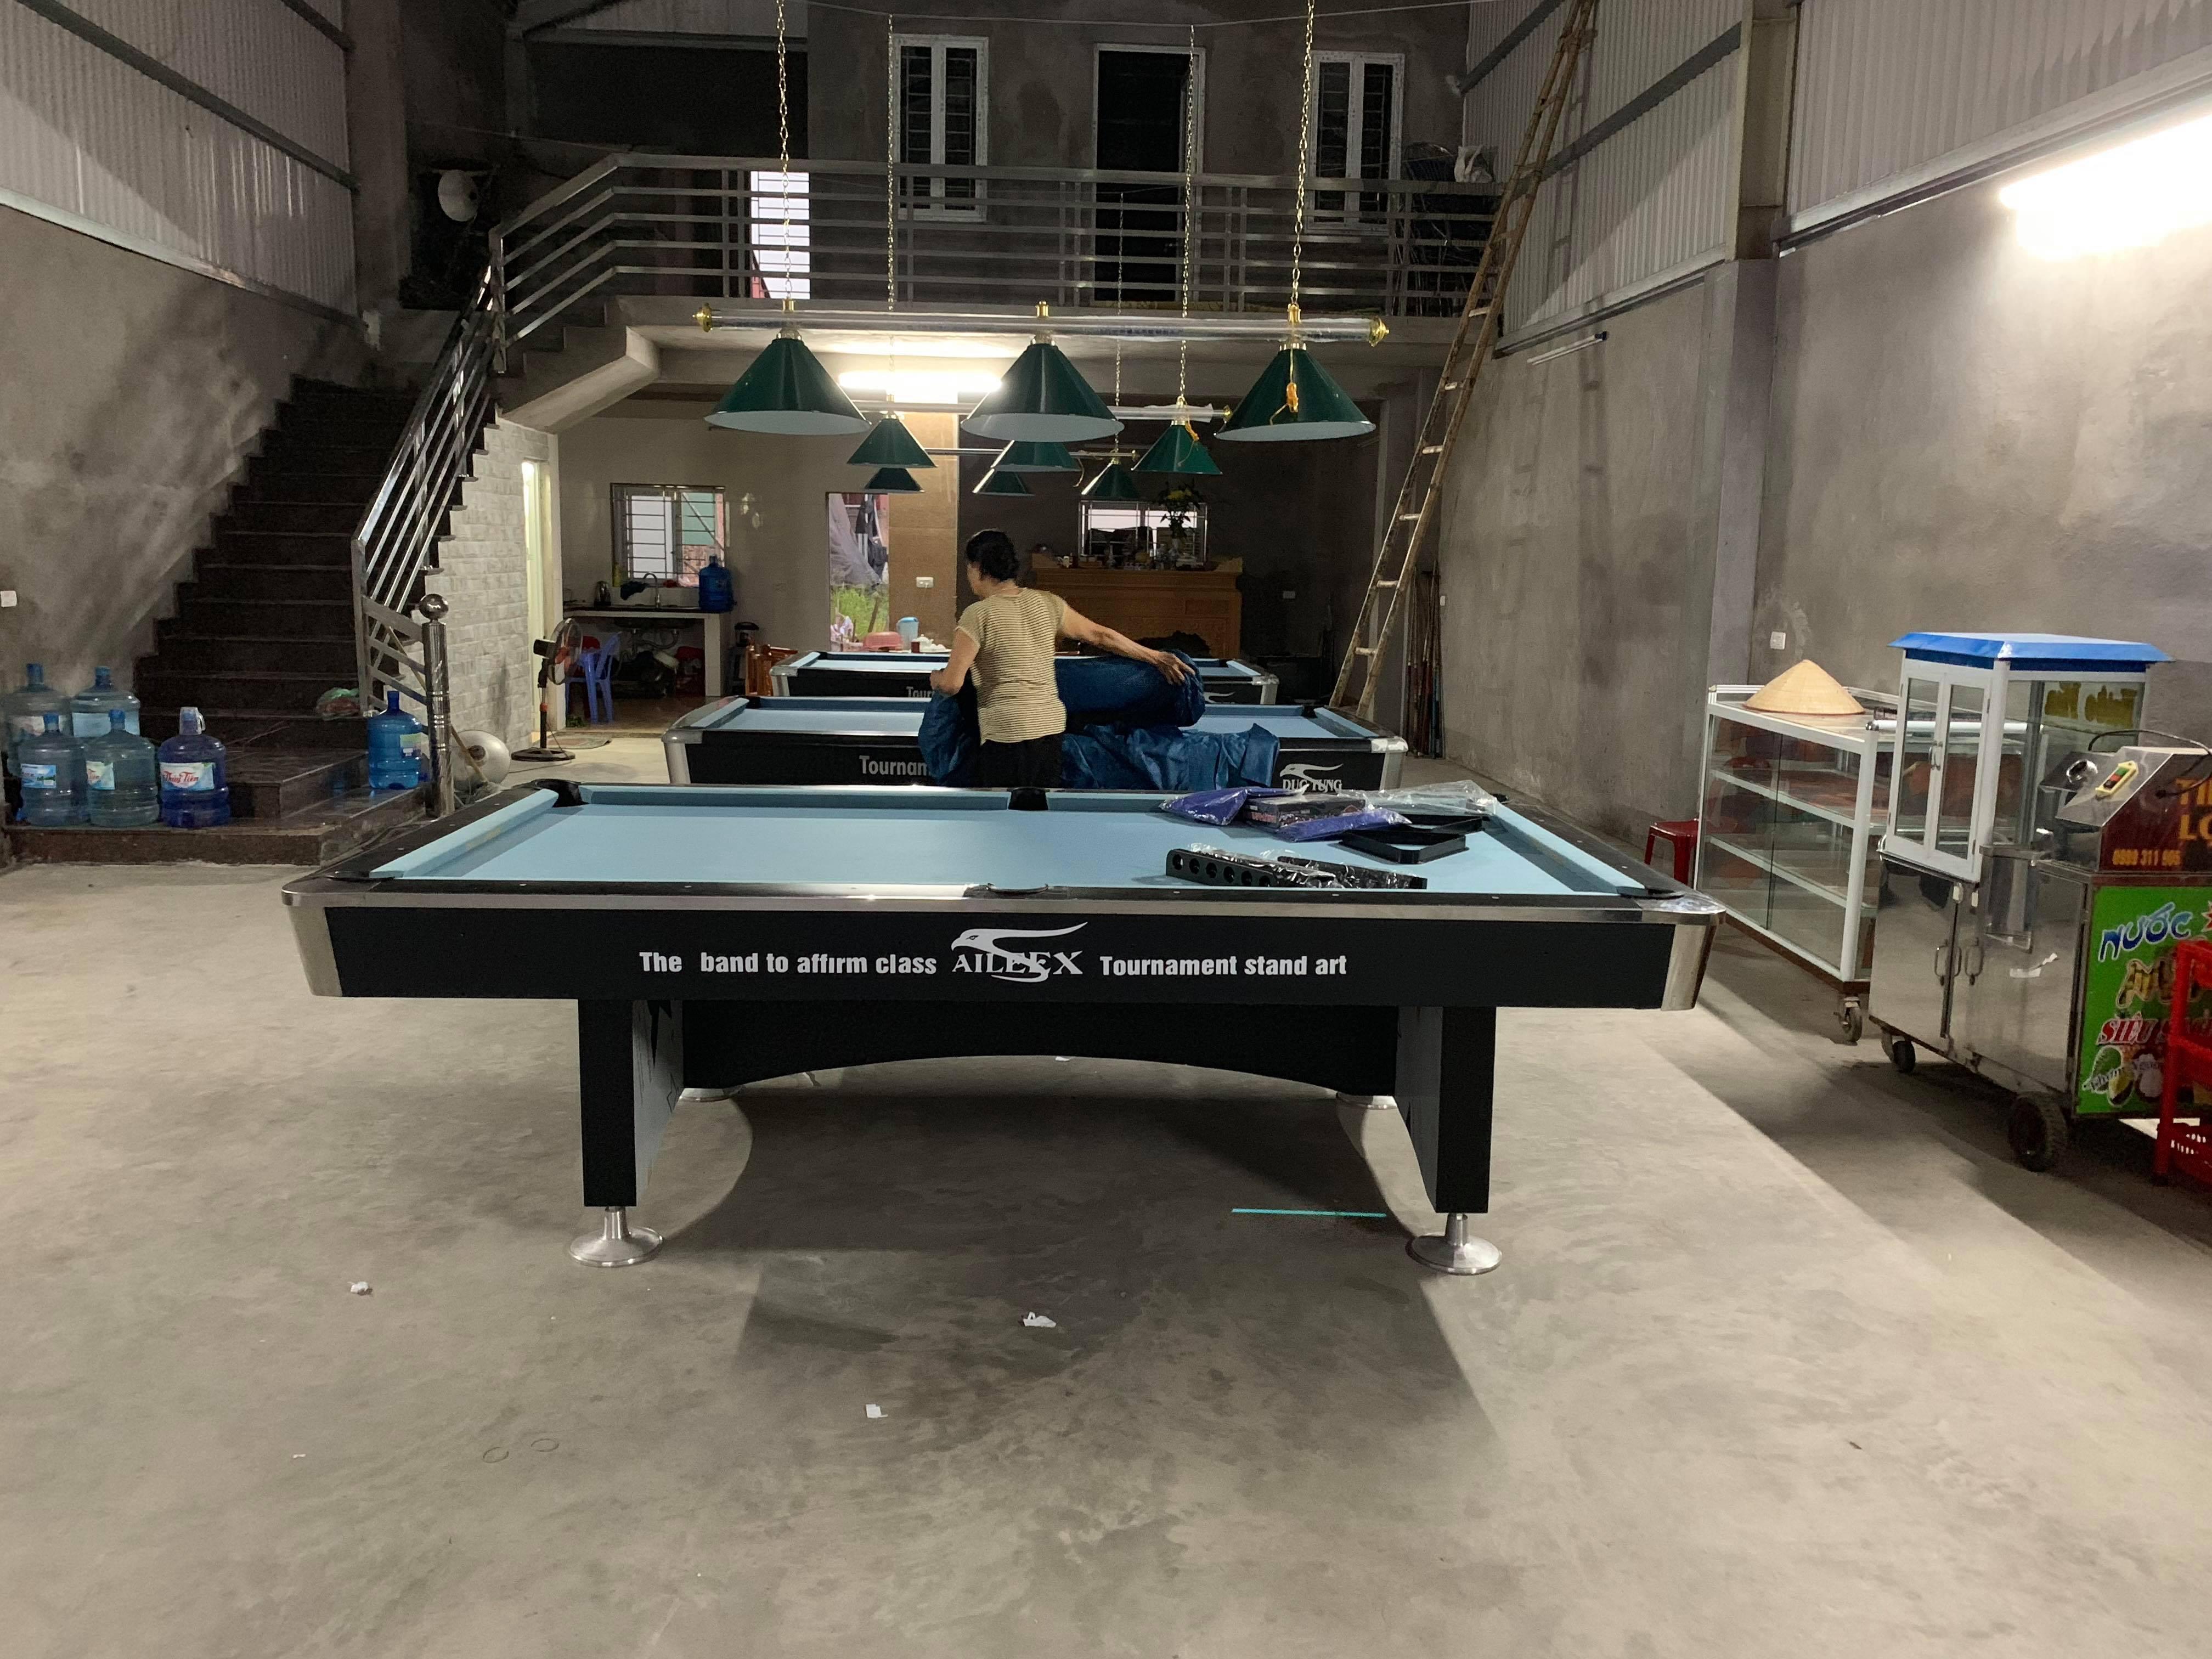 Billiards Hoàn Thúy lắp đặt thêm 3 bàn bi a 9018 đã qua sử dụng tại Từ Sơn, Bắc Ninh